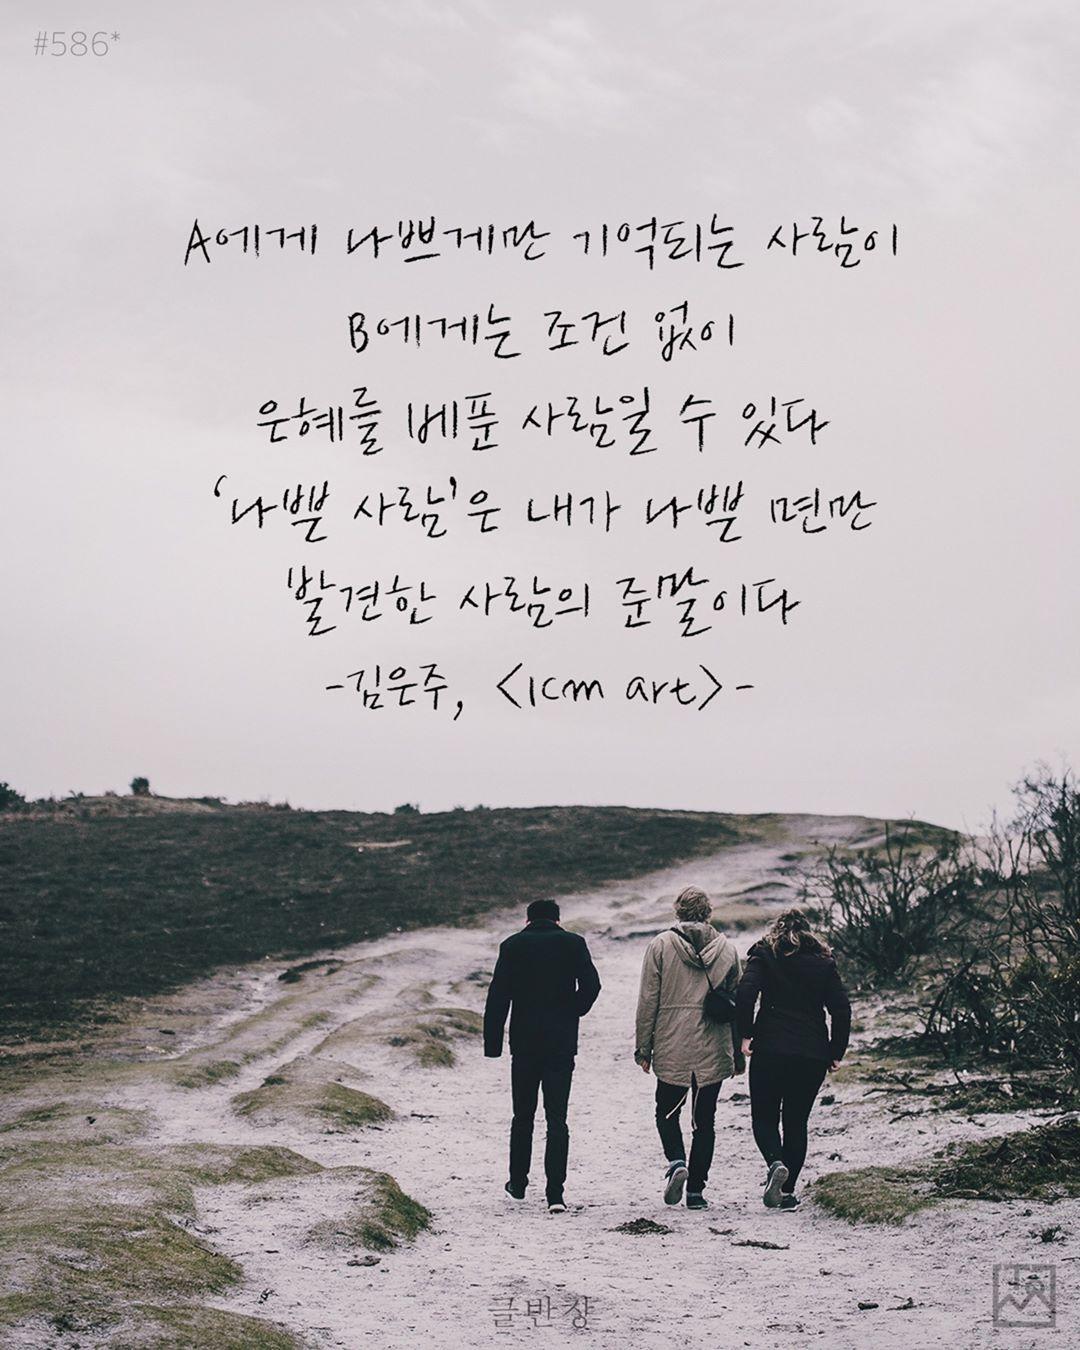 '나쁜 사람'은 내가 나쁜 면만 발견한 사람의 준말이다 - 김은주, <1cm art>